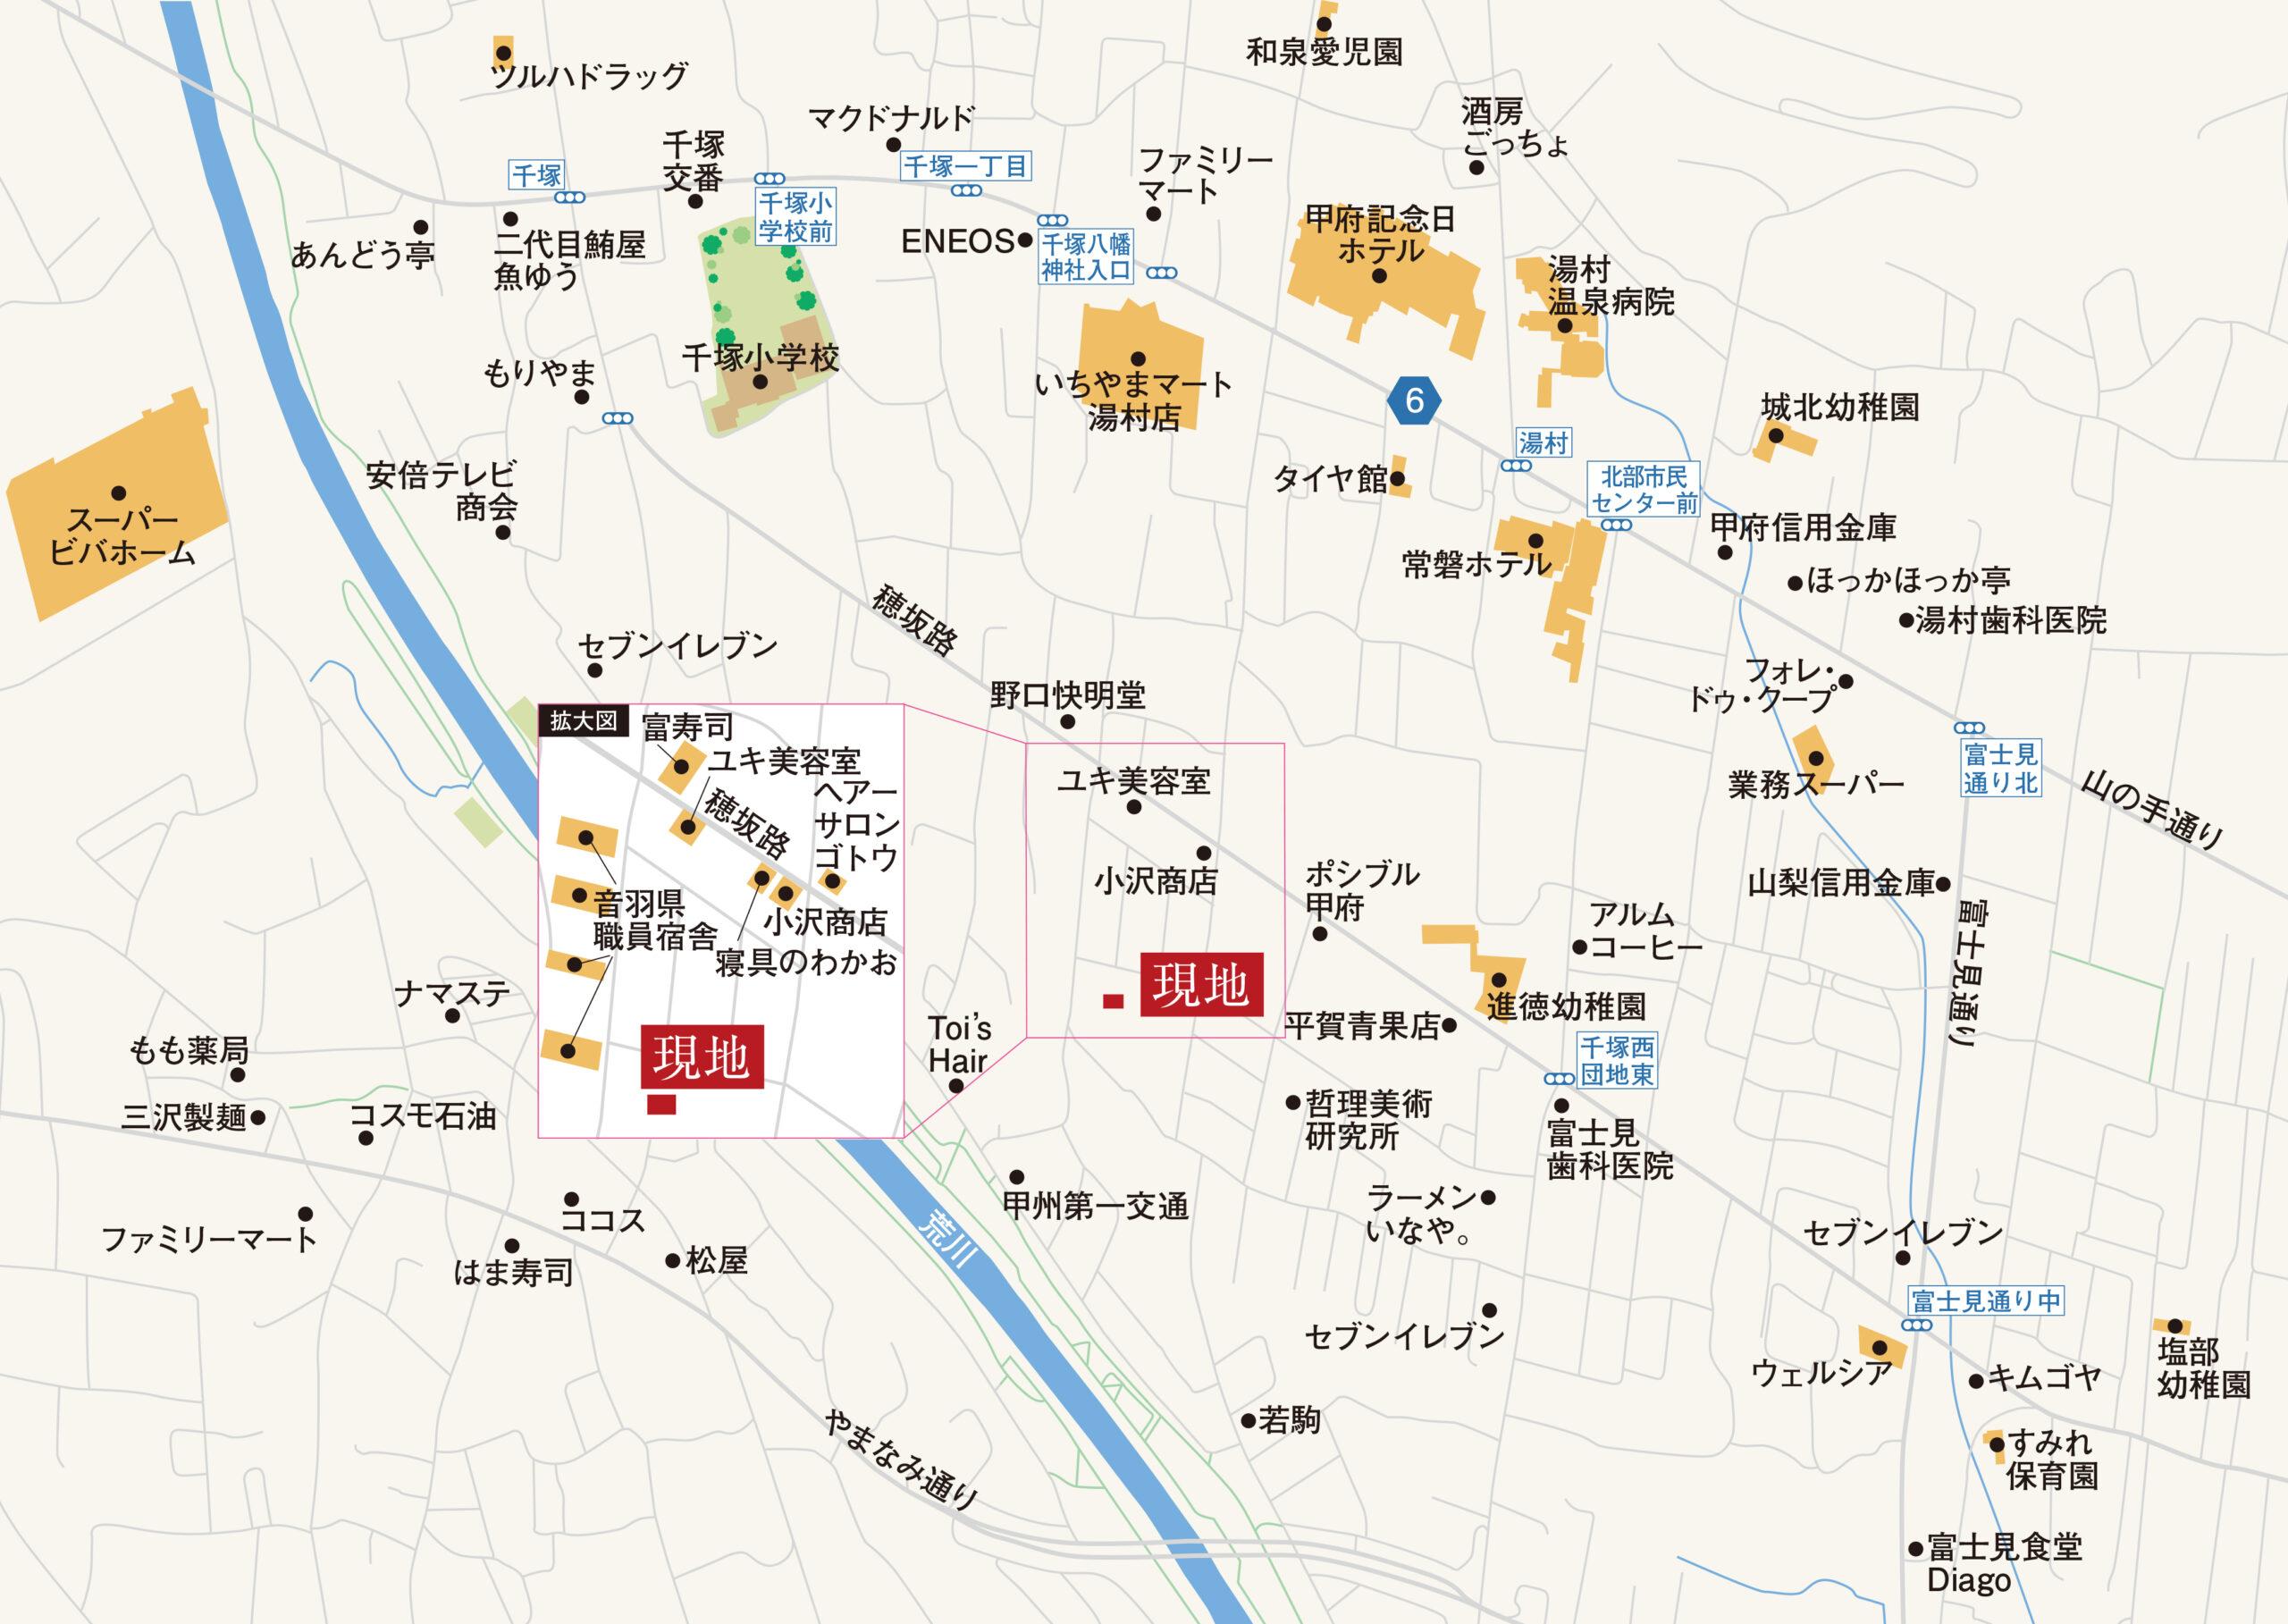 甲府市富士見A 地図